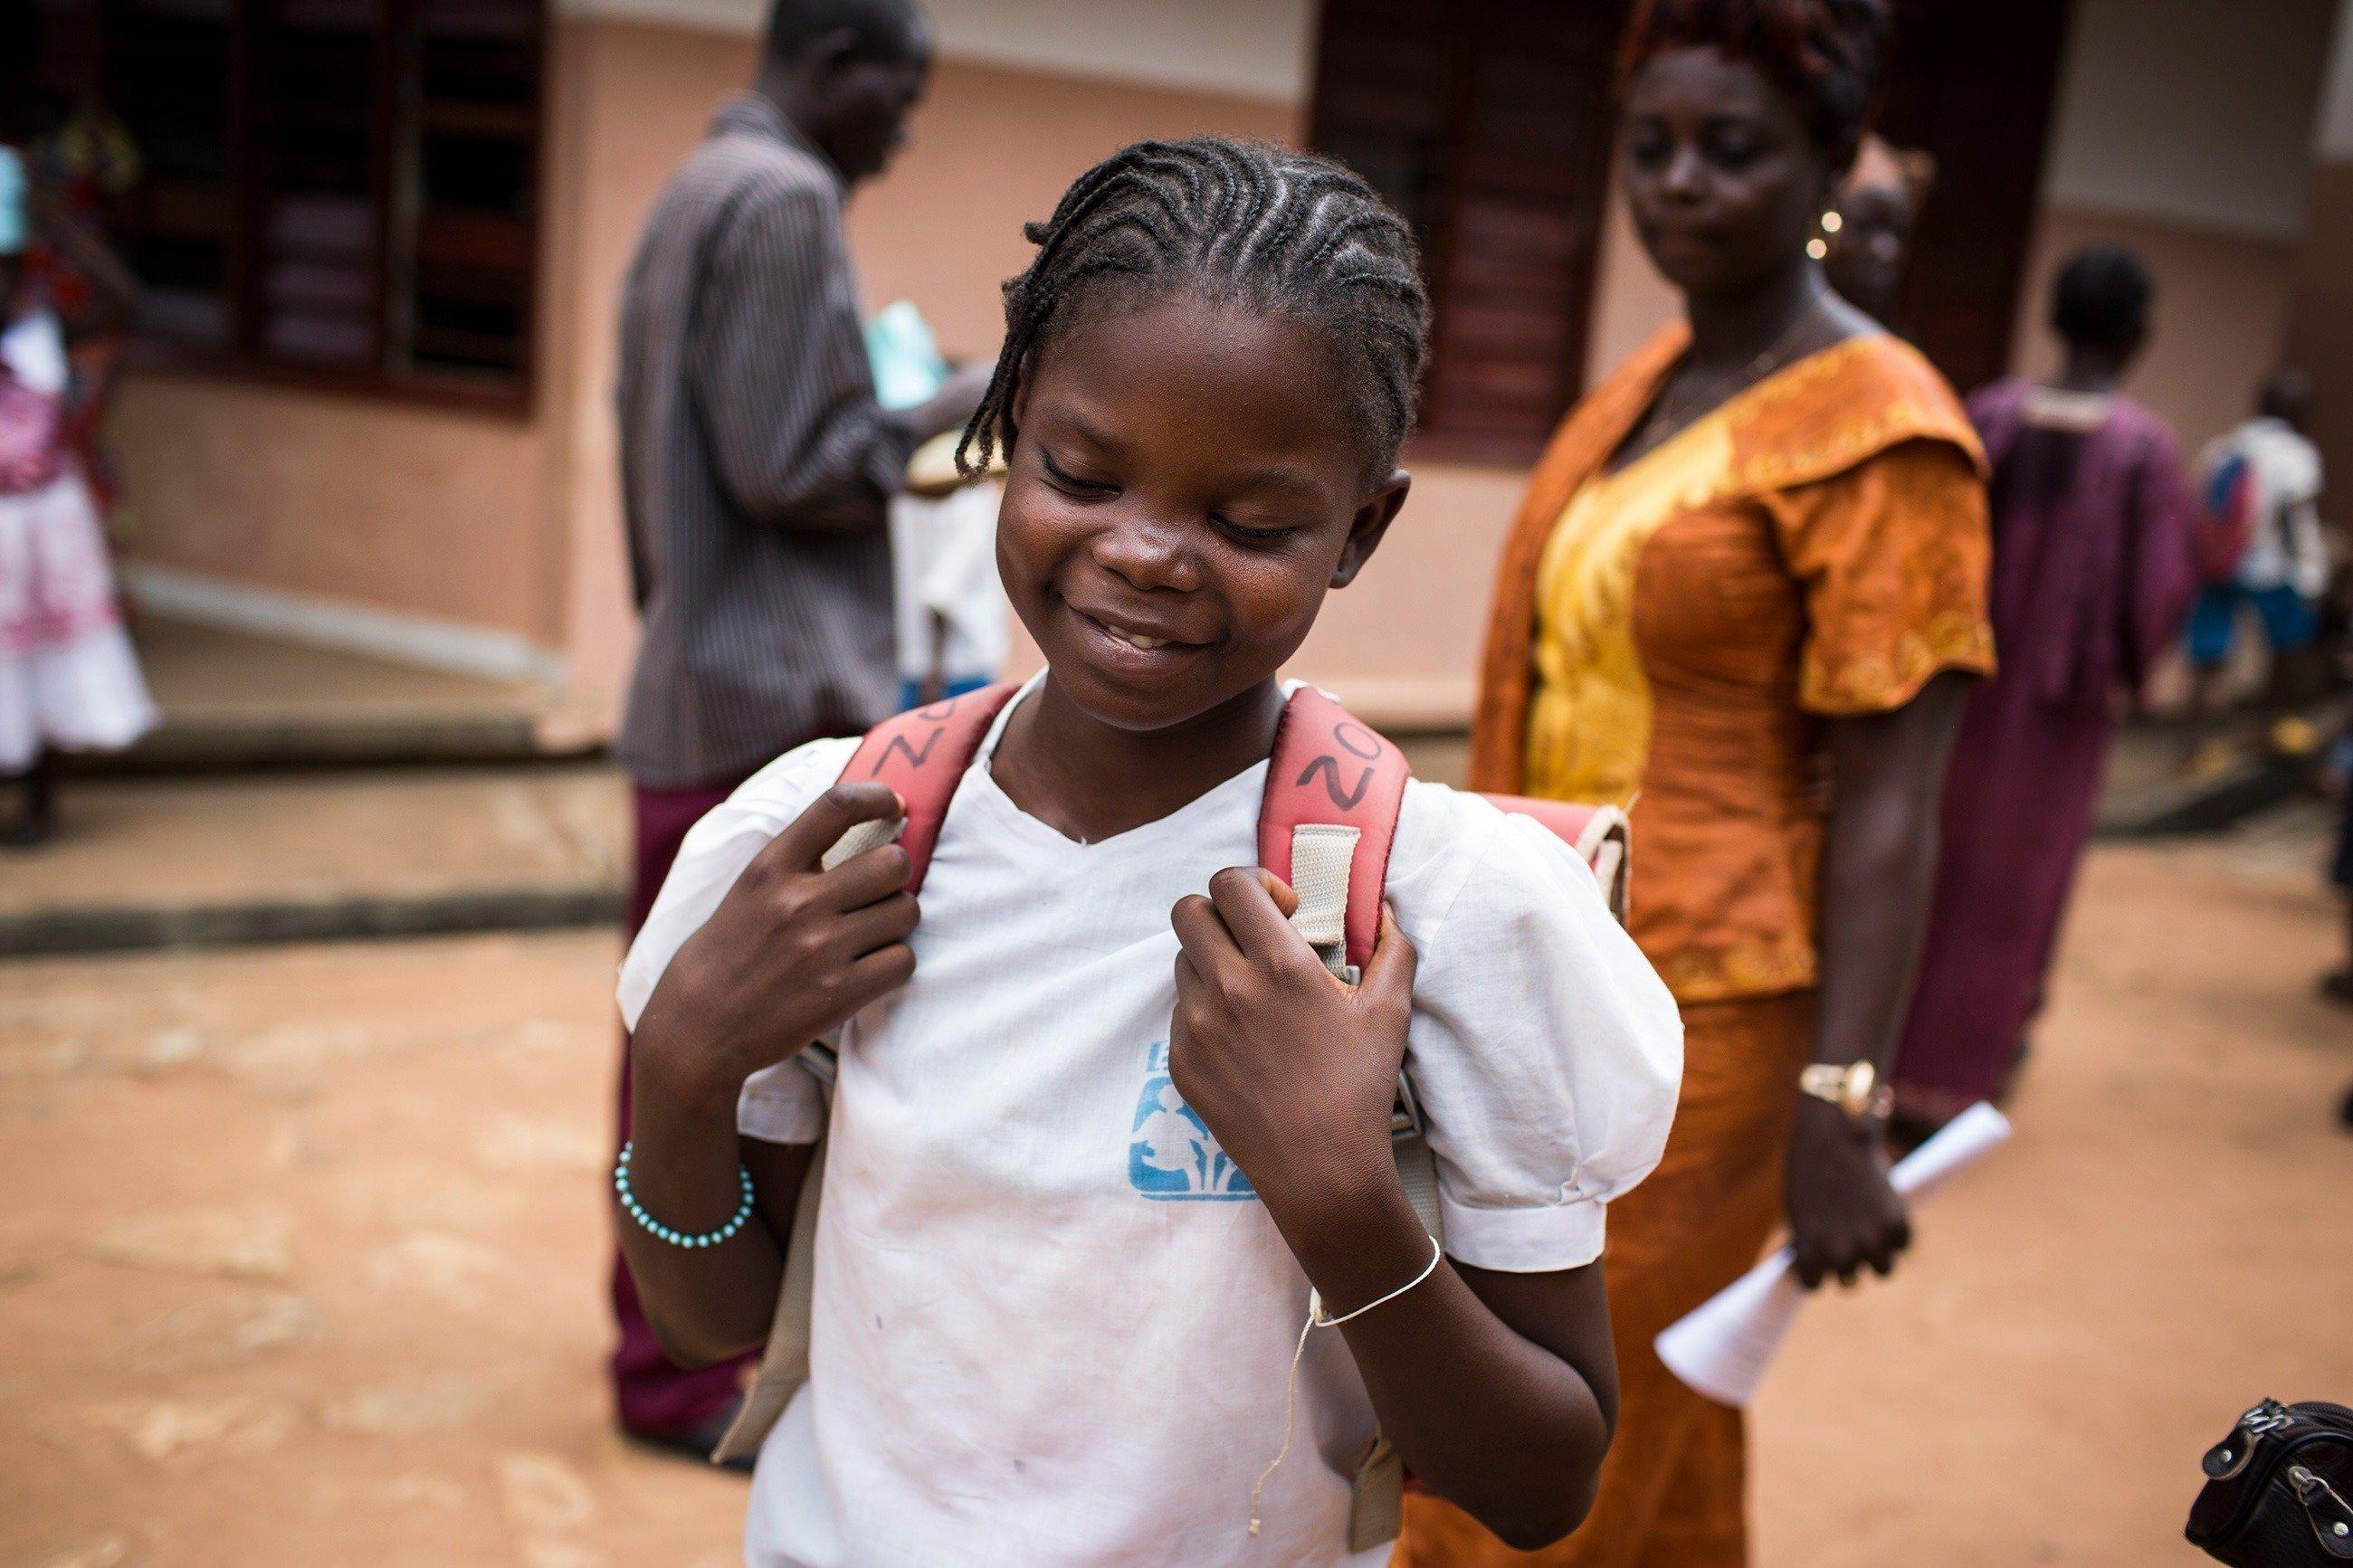 Bambina sorridente che si reca a scuola.